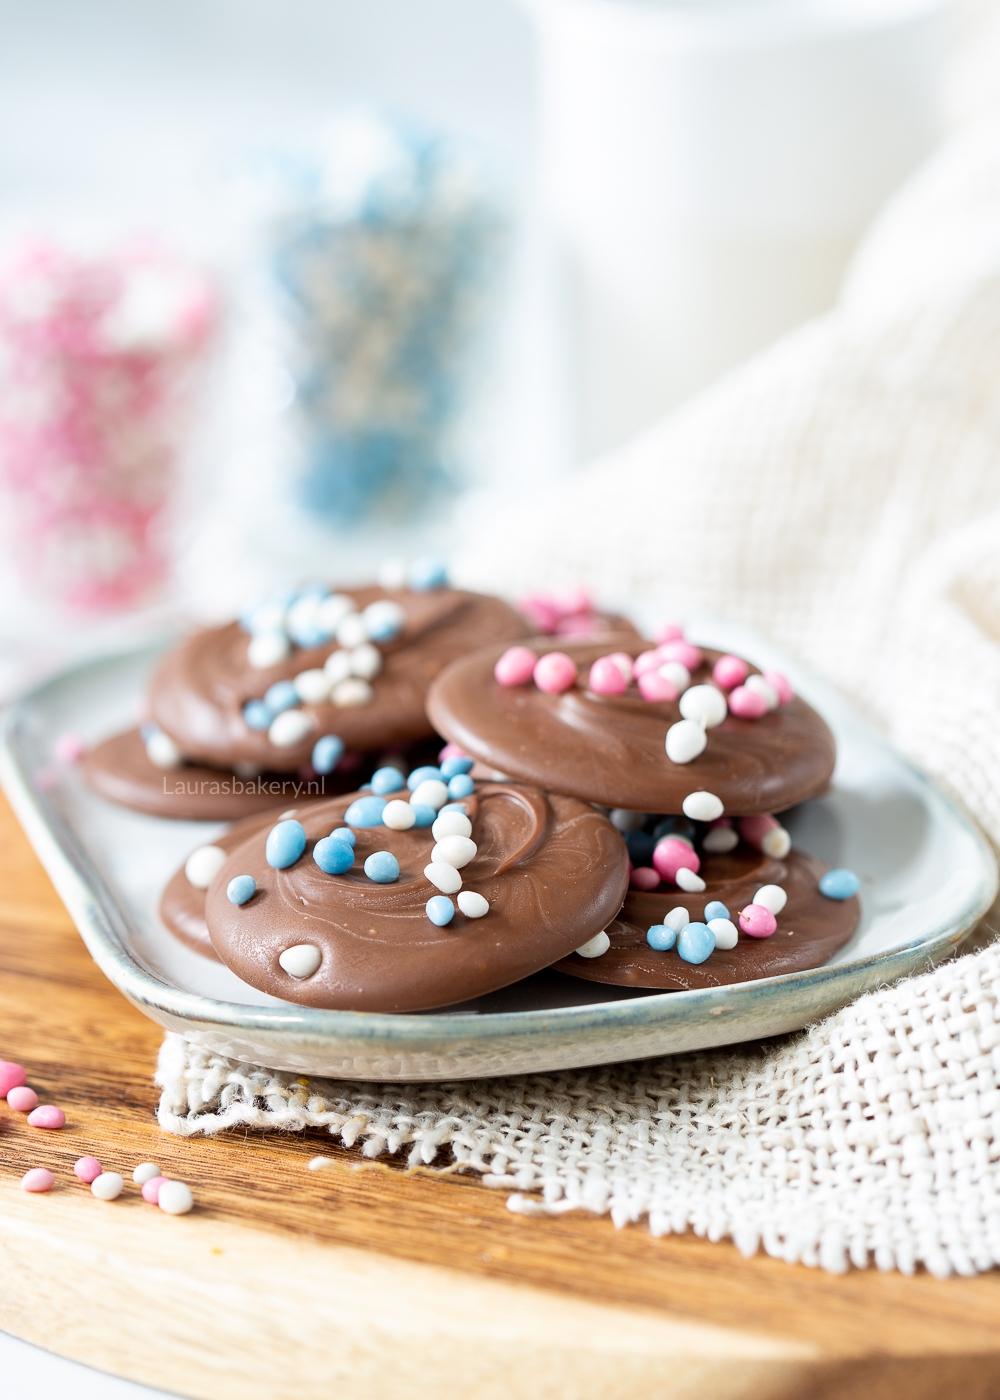 Chocoladeflikken met muisjes